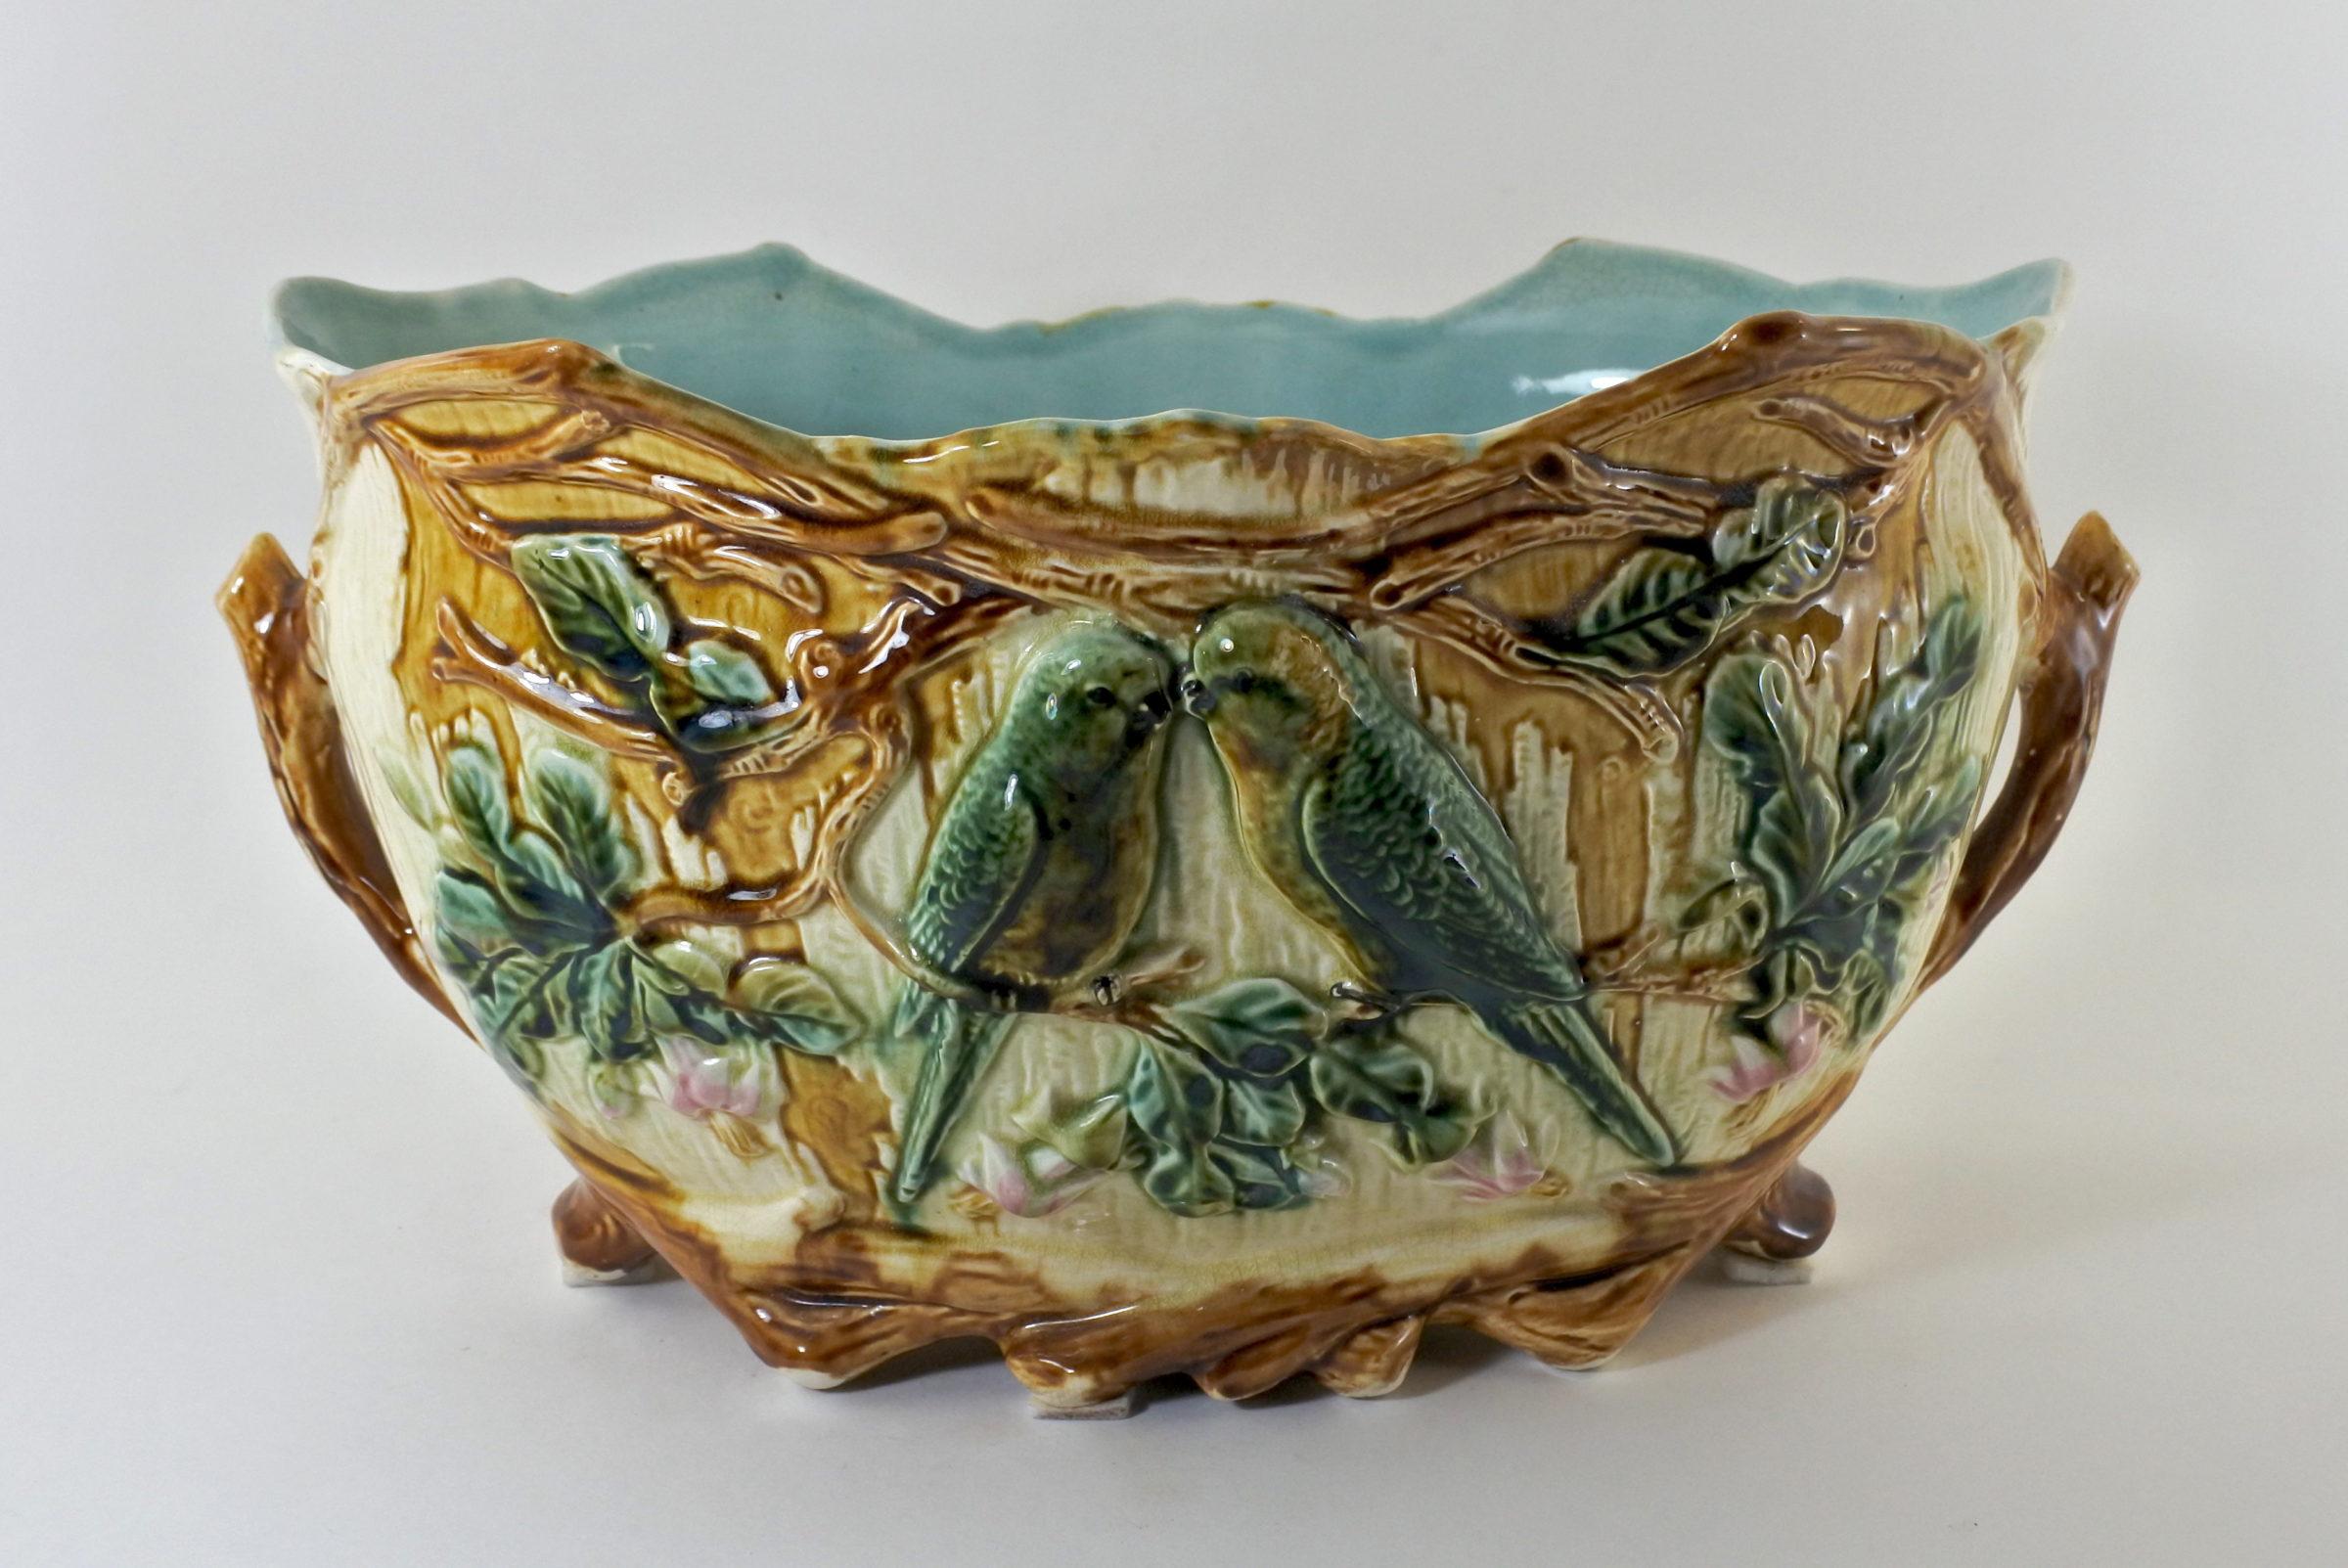 Jardinière Onnaing n° 350 in ceramica barbotine con ...